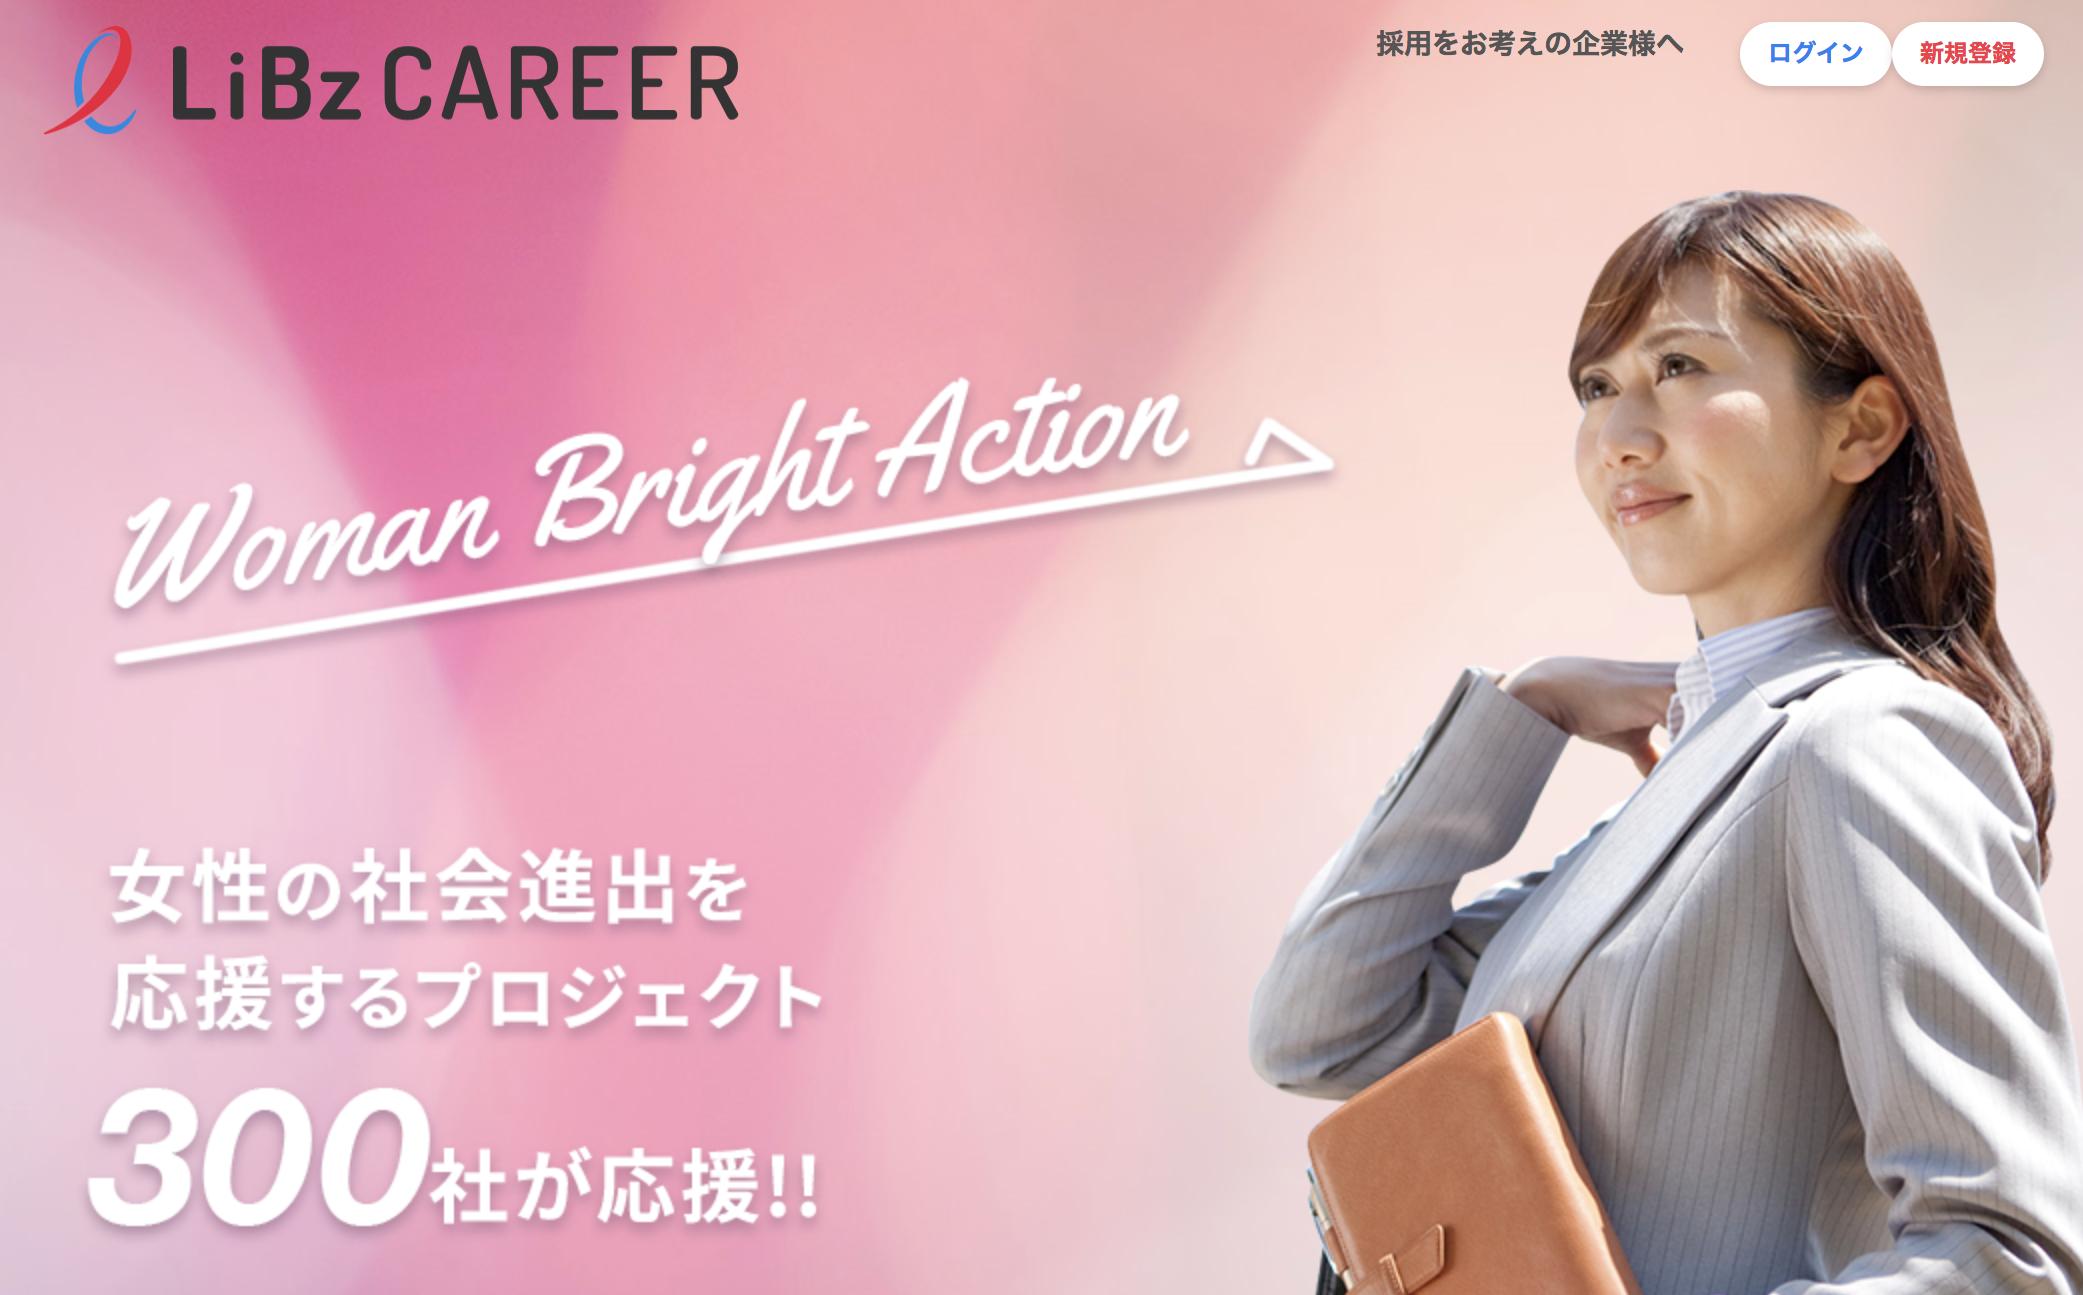 リブズキャリアのWoman Bright Action